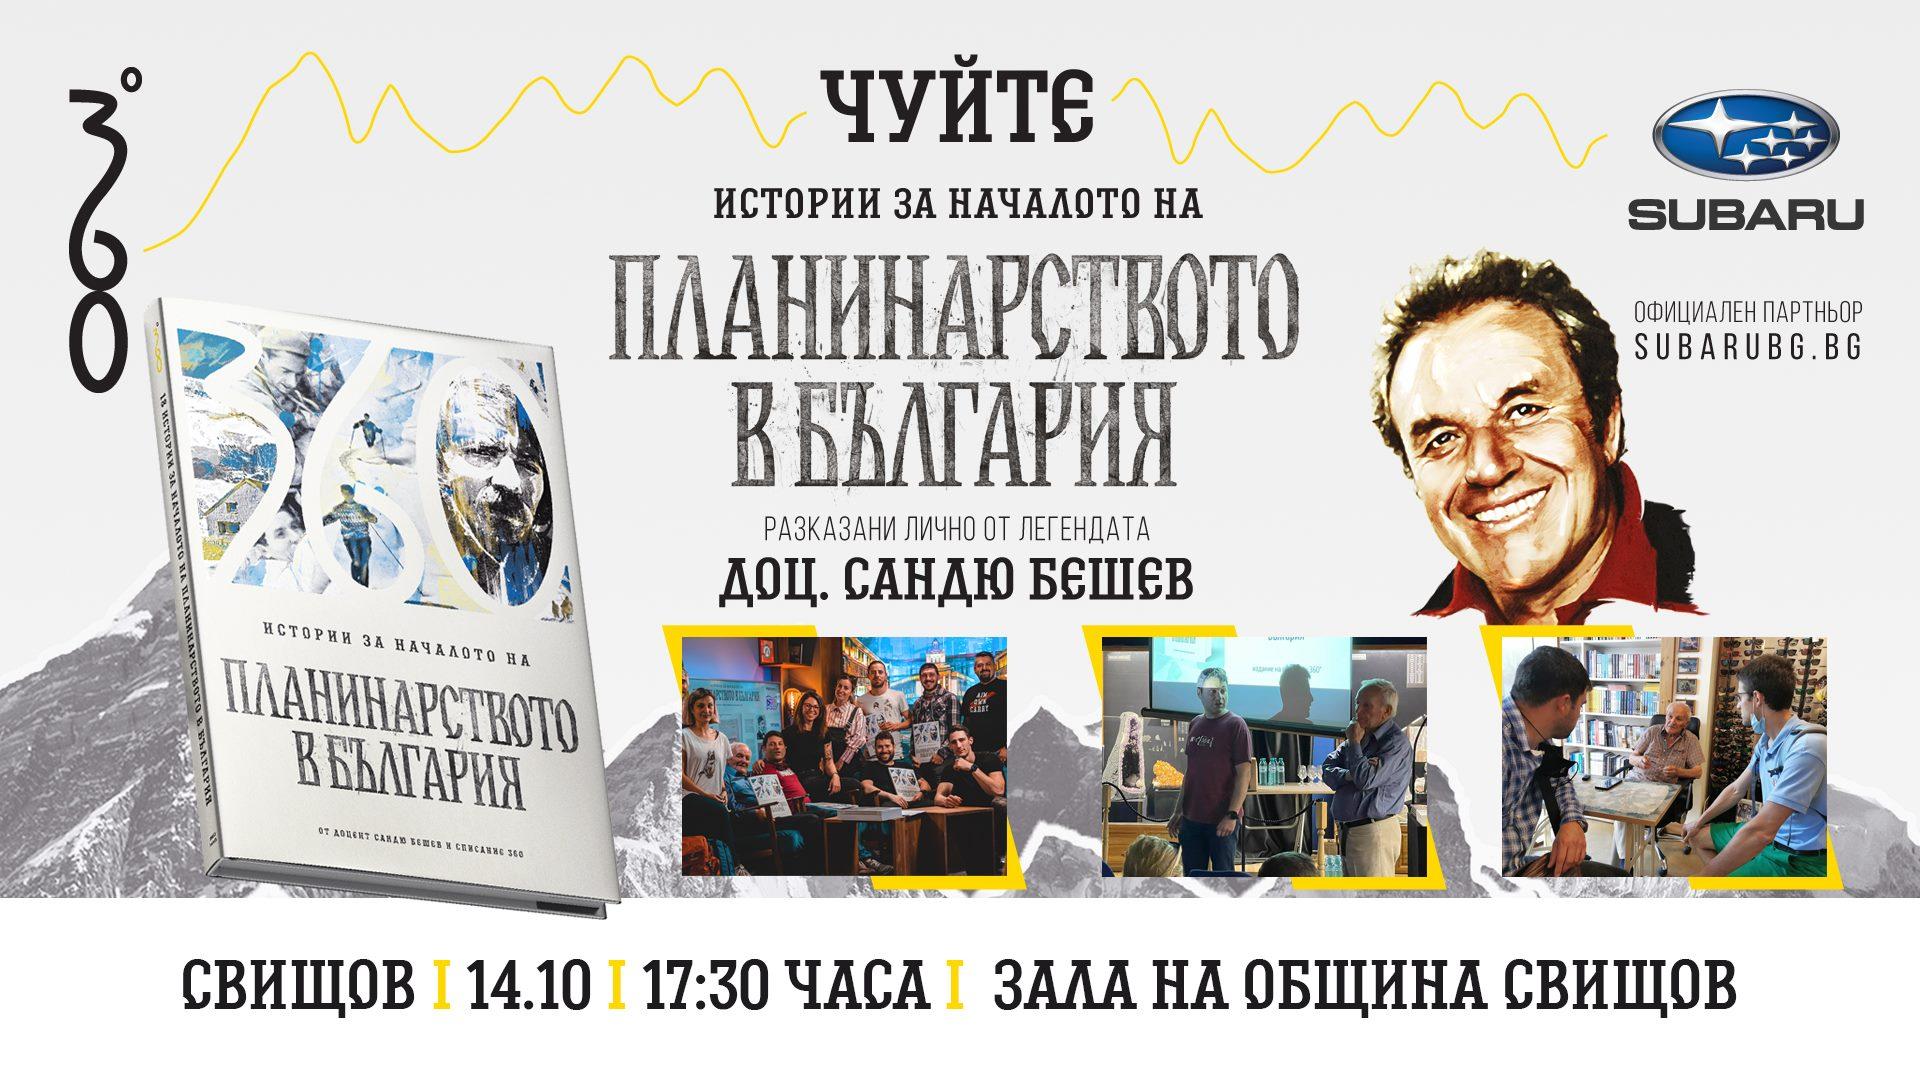 Свищов се среща с доц.Сандю Бешев и истории за началото на планинарството в България